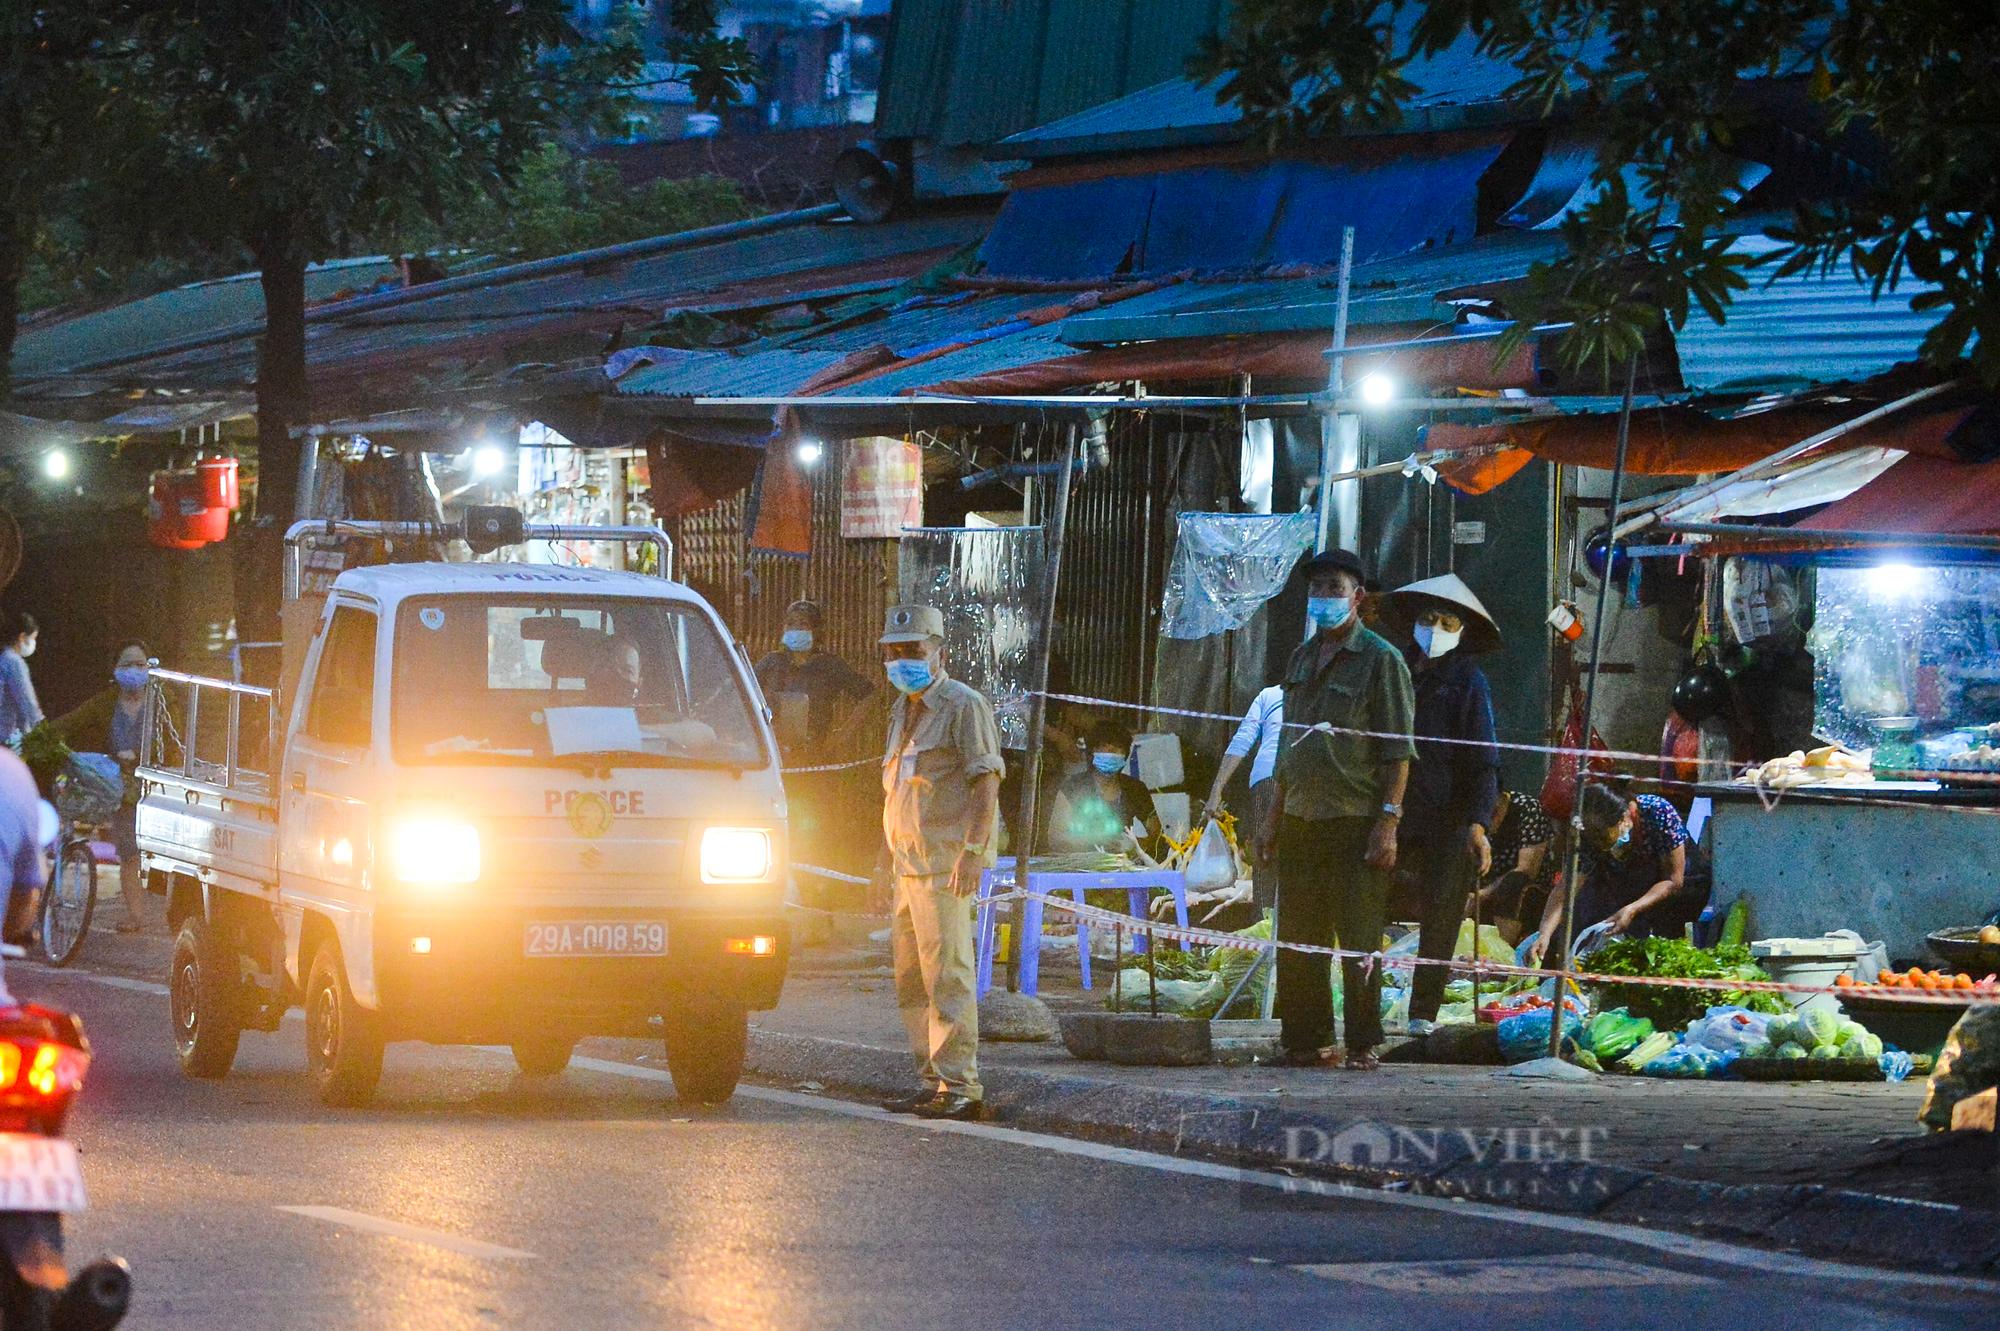 Chợ dân sinh ở Hà Nội đông đúc ngày đầu nới lỏng giãn cách - Ảnh 4.